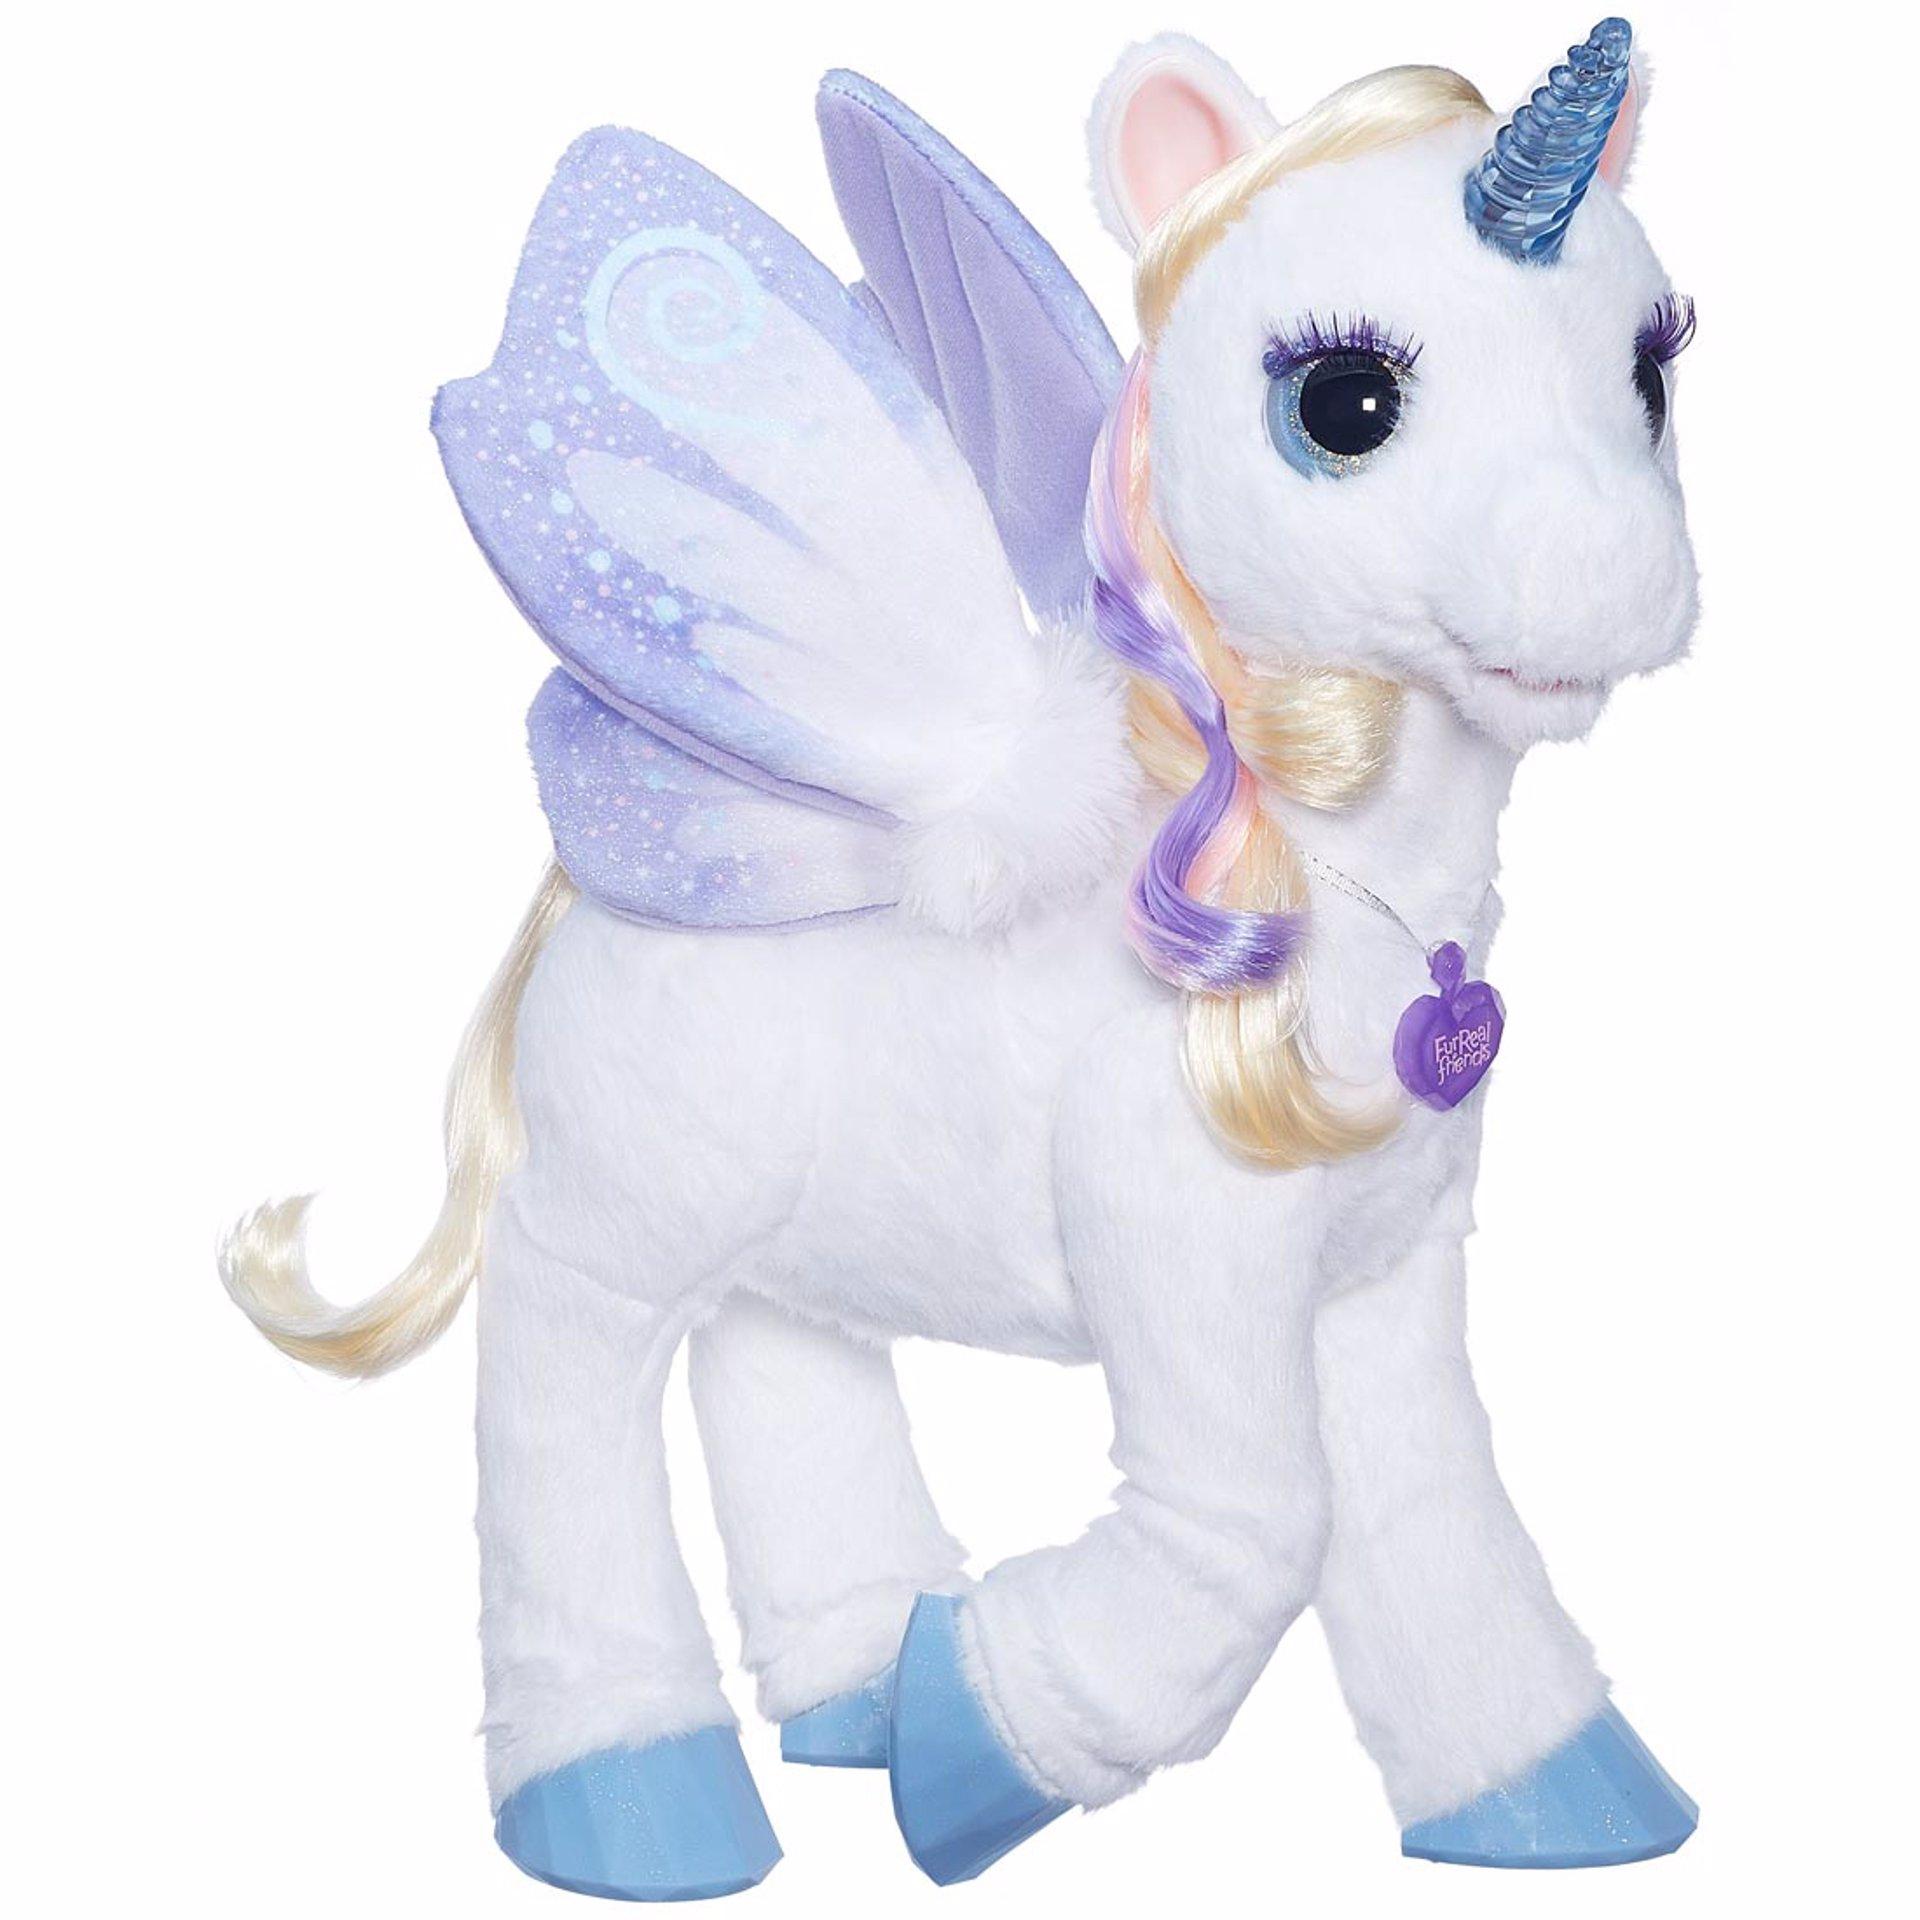 unicorcnio star lili